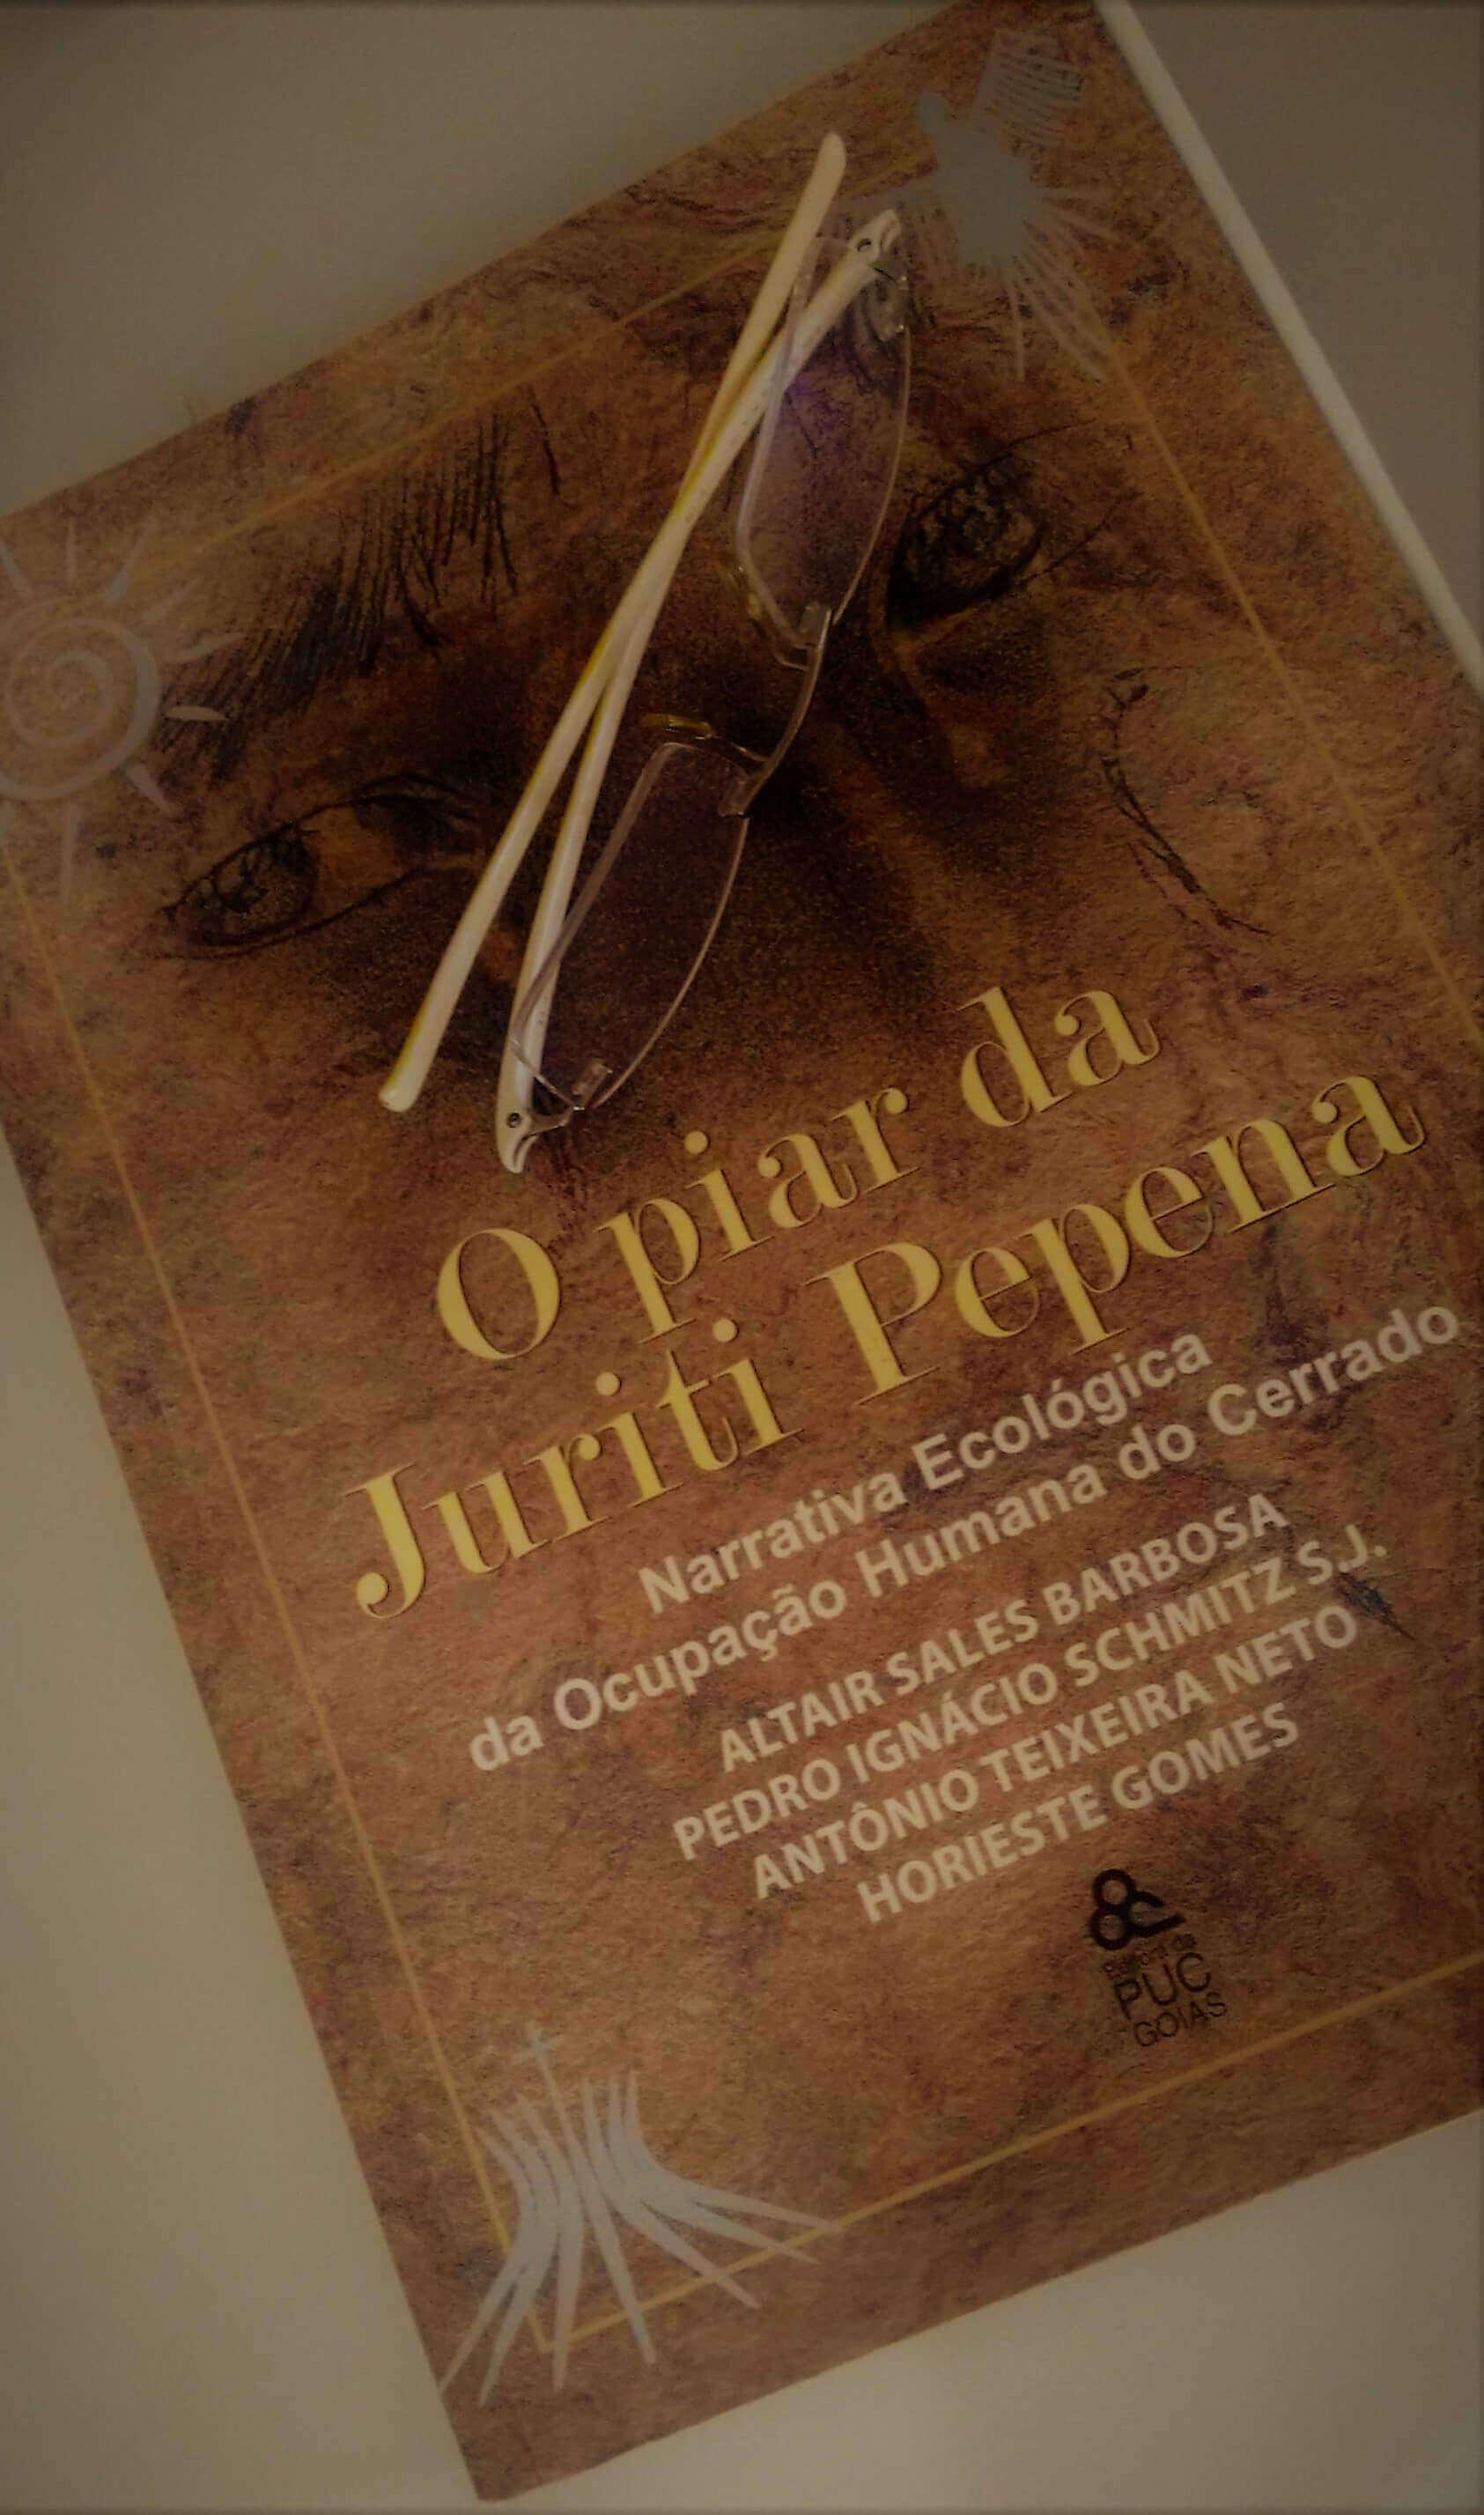 Foto: canalsustentavel.com.br